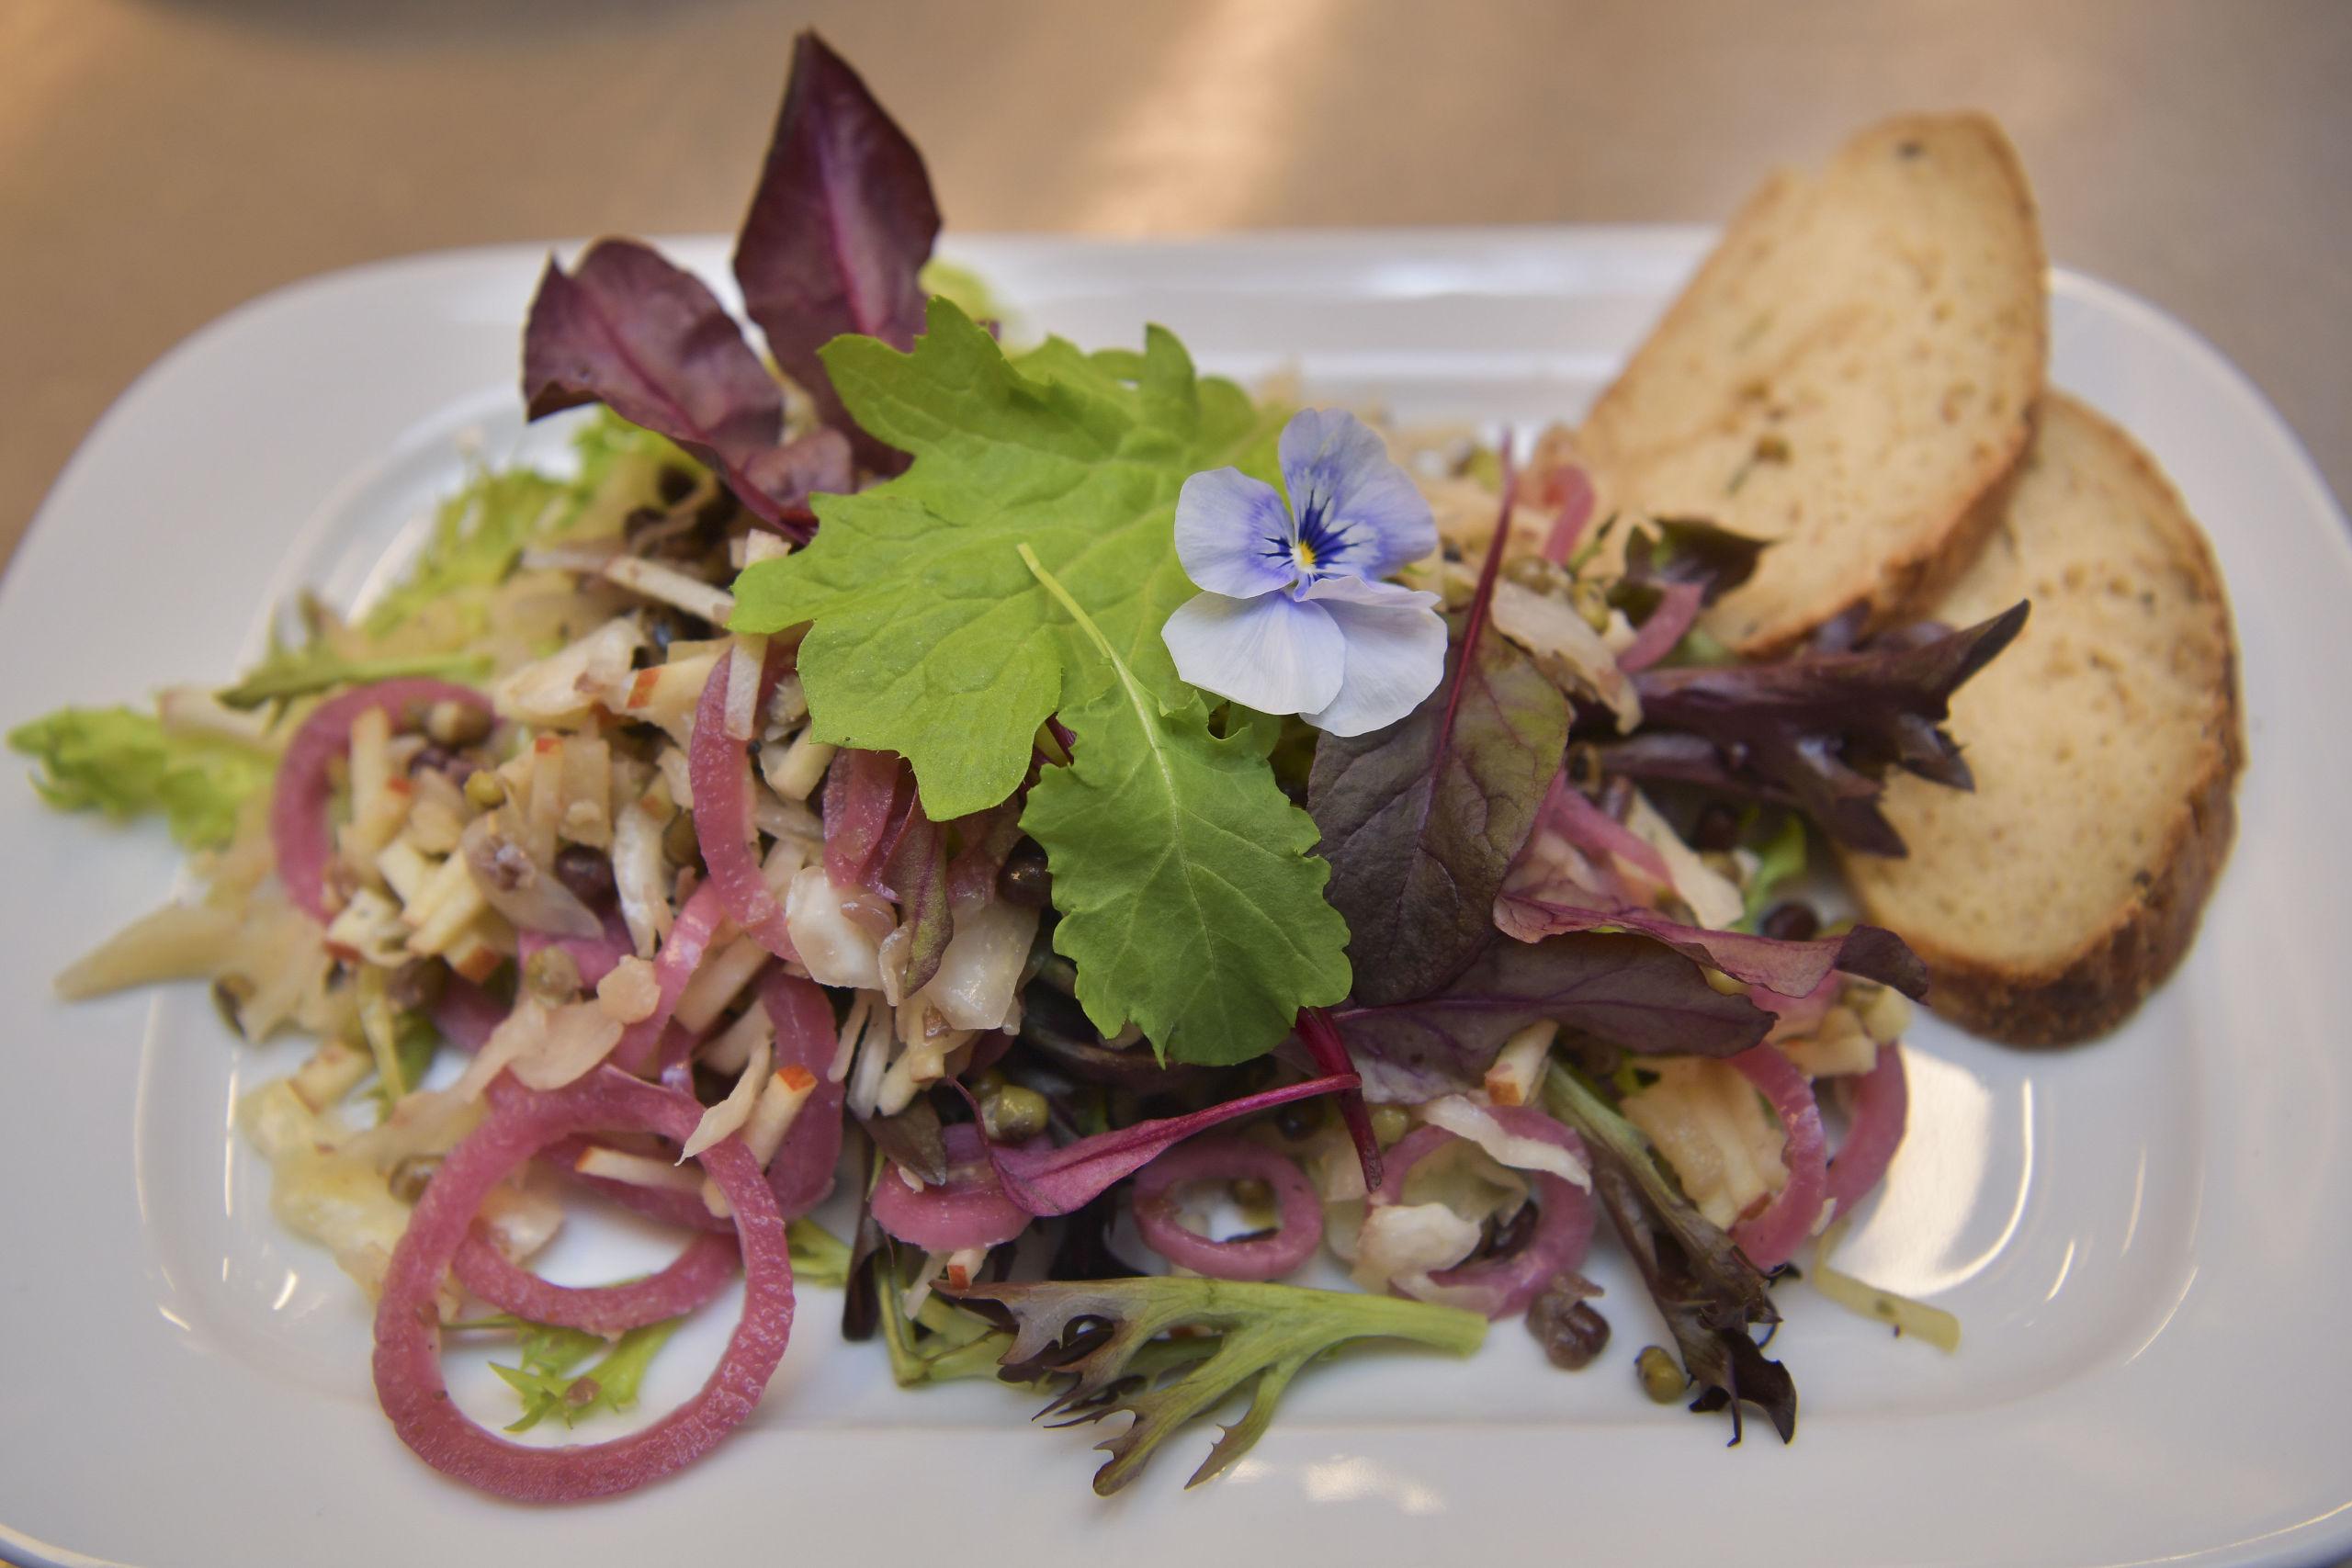 Vil man undgå animalske produkter, kan man bestille ugens salat/veganerret på Teatercaféen. Foto: Claus Søndberg